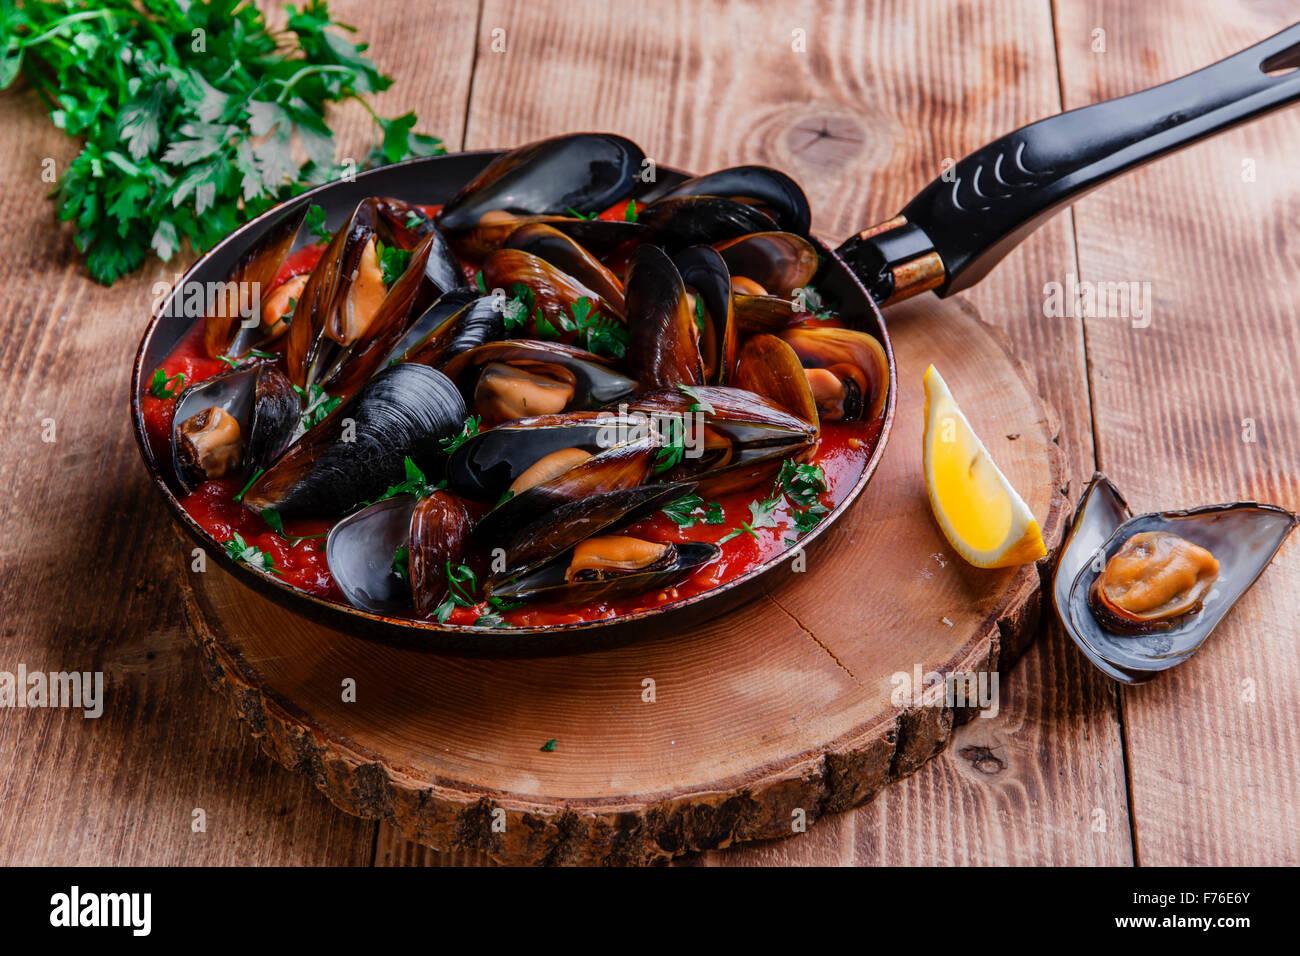 Dans les moules huîtres sauce rouge dans une poêle Banque D'Images